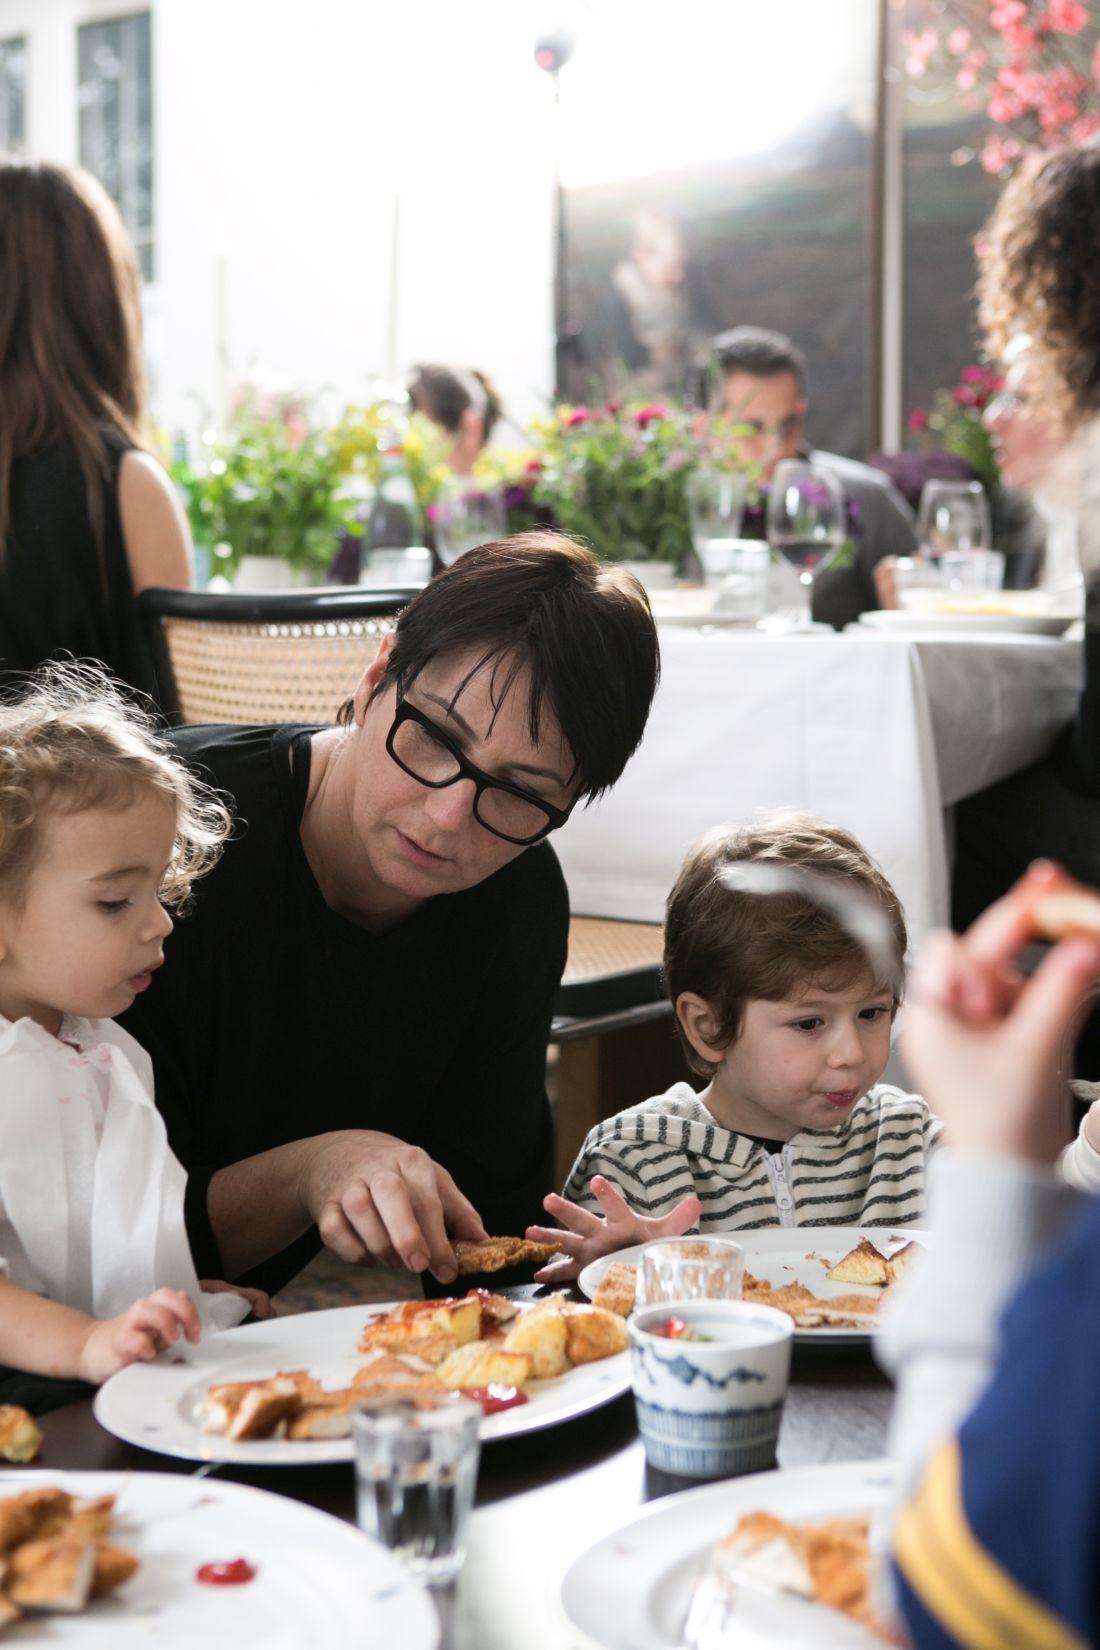 הילדים אכלו שניצלים